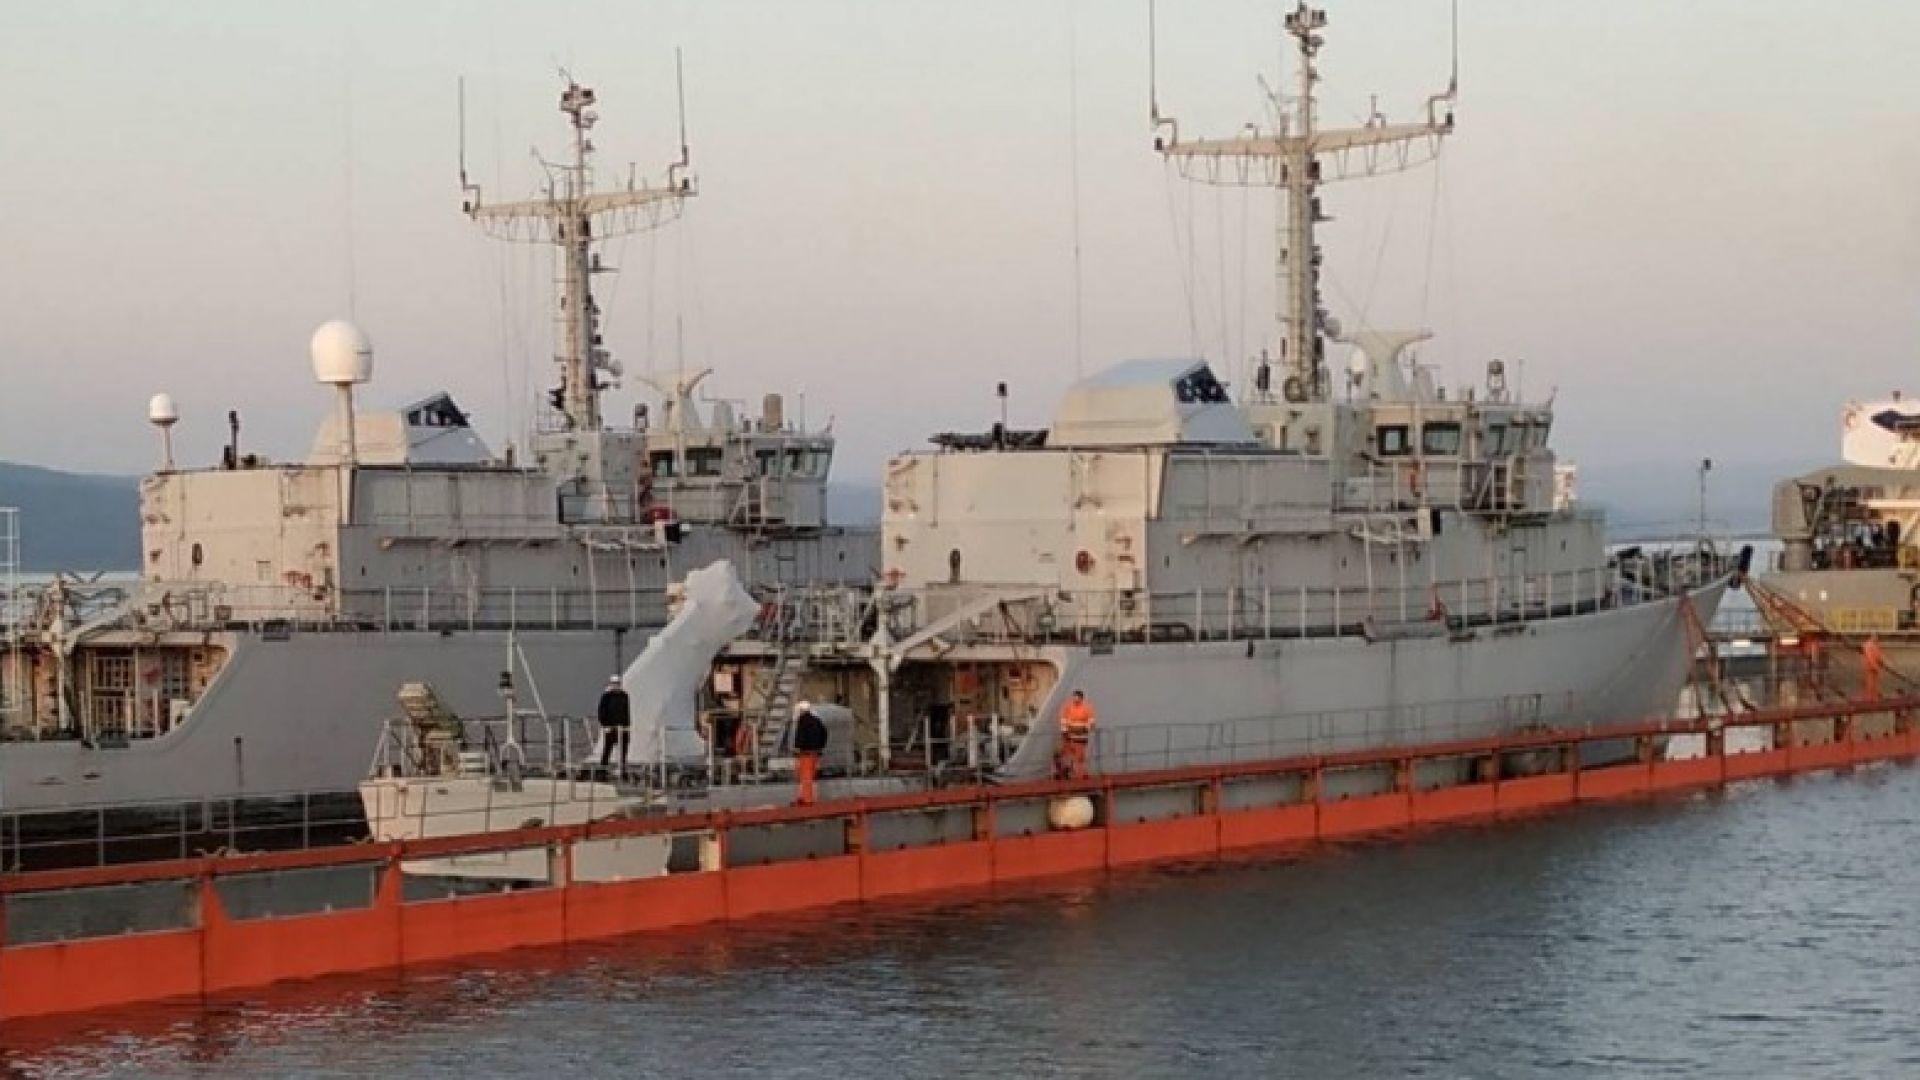 ВМС се сдоби с два минни ловци, пристигнаха и първите ремонтирани СУ-25 (снимки)